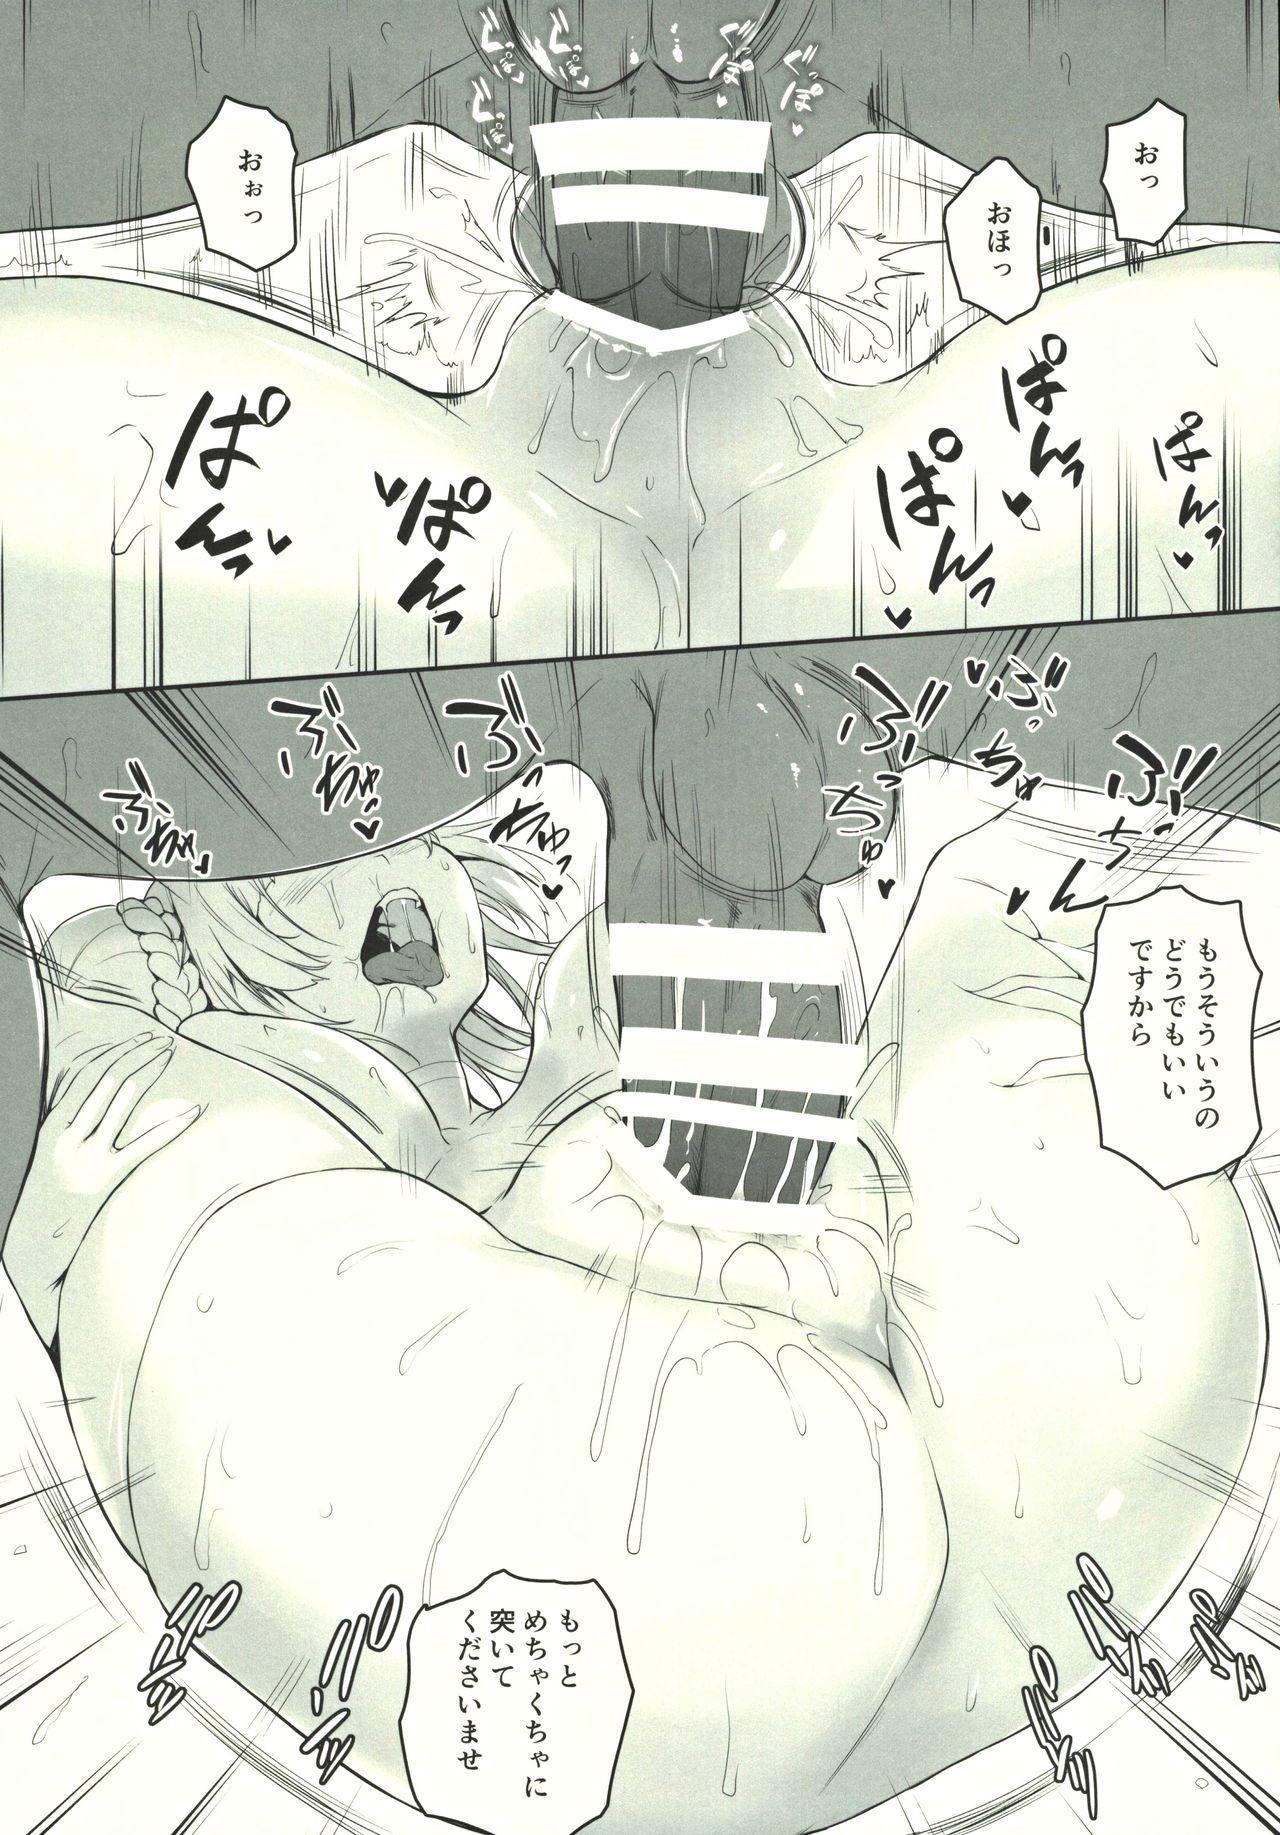 Shikikan Kouiu Koudou wa Hito to shite Douka to 10